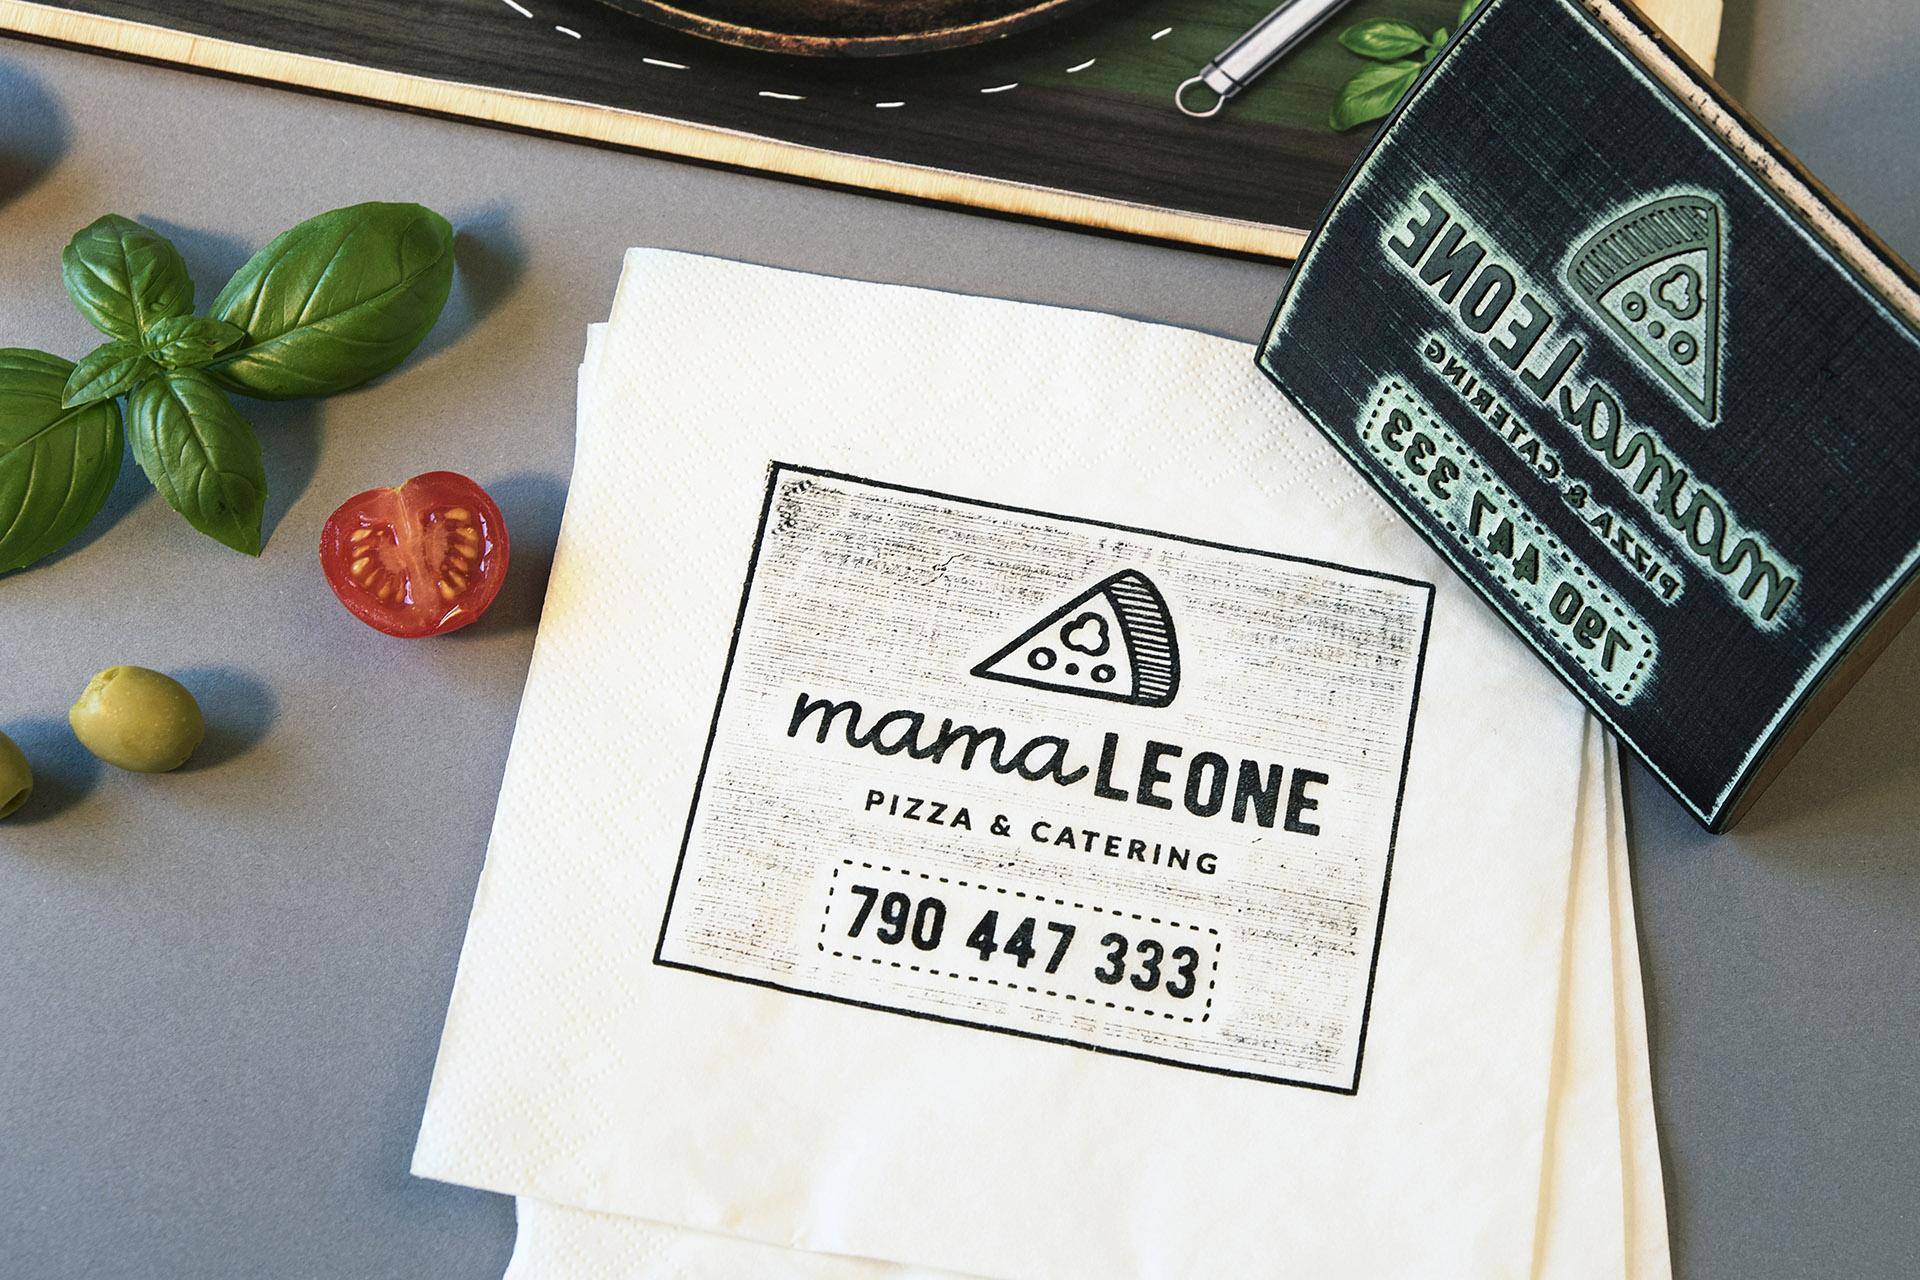 Mamaleone pizza i catering kontakt